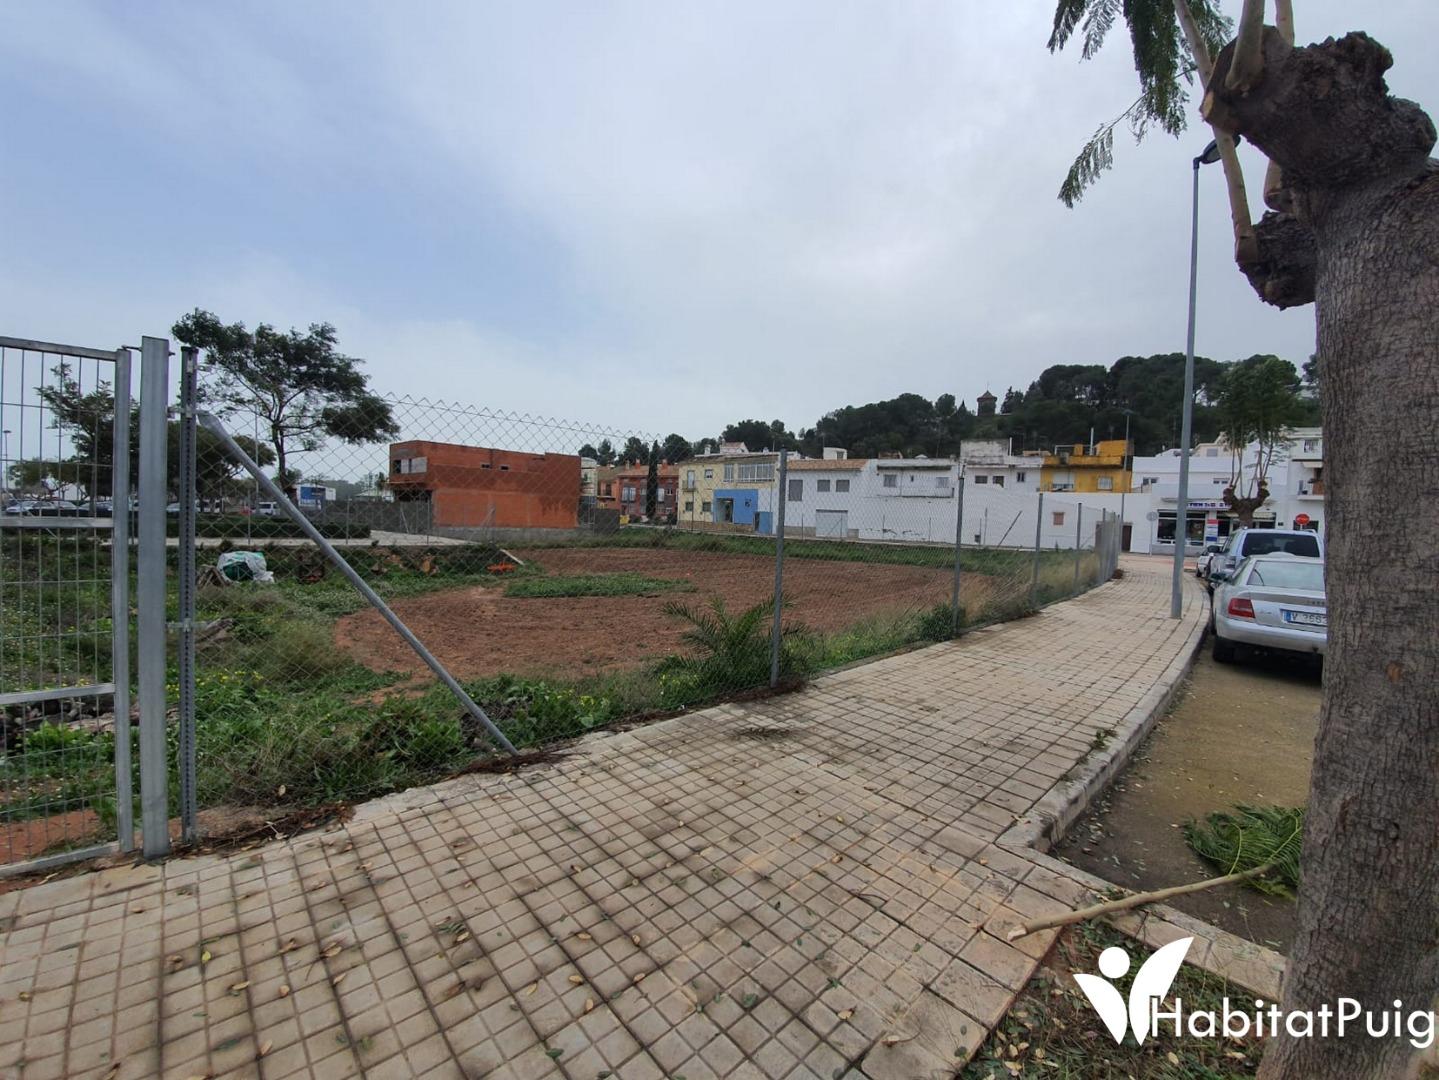 Terrain urbain  Ronda norte. Parcelas en venta en residencial en el puig (puig nord) con exce